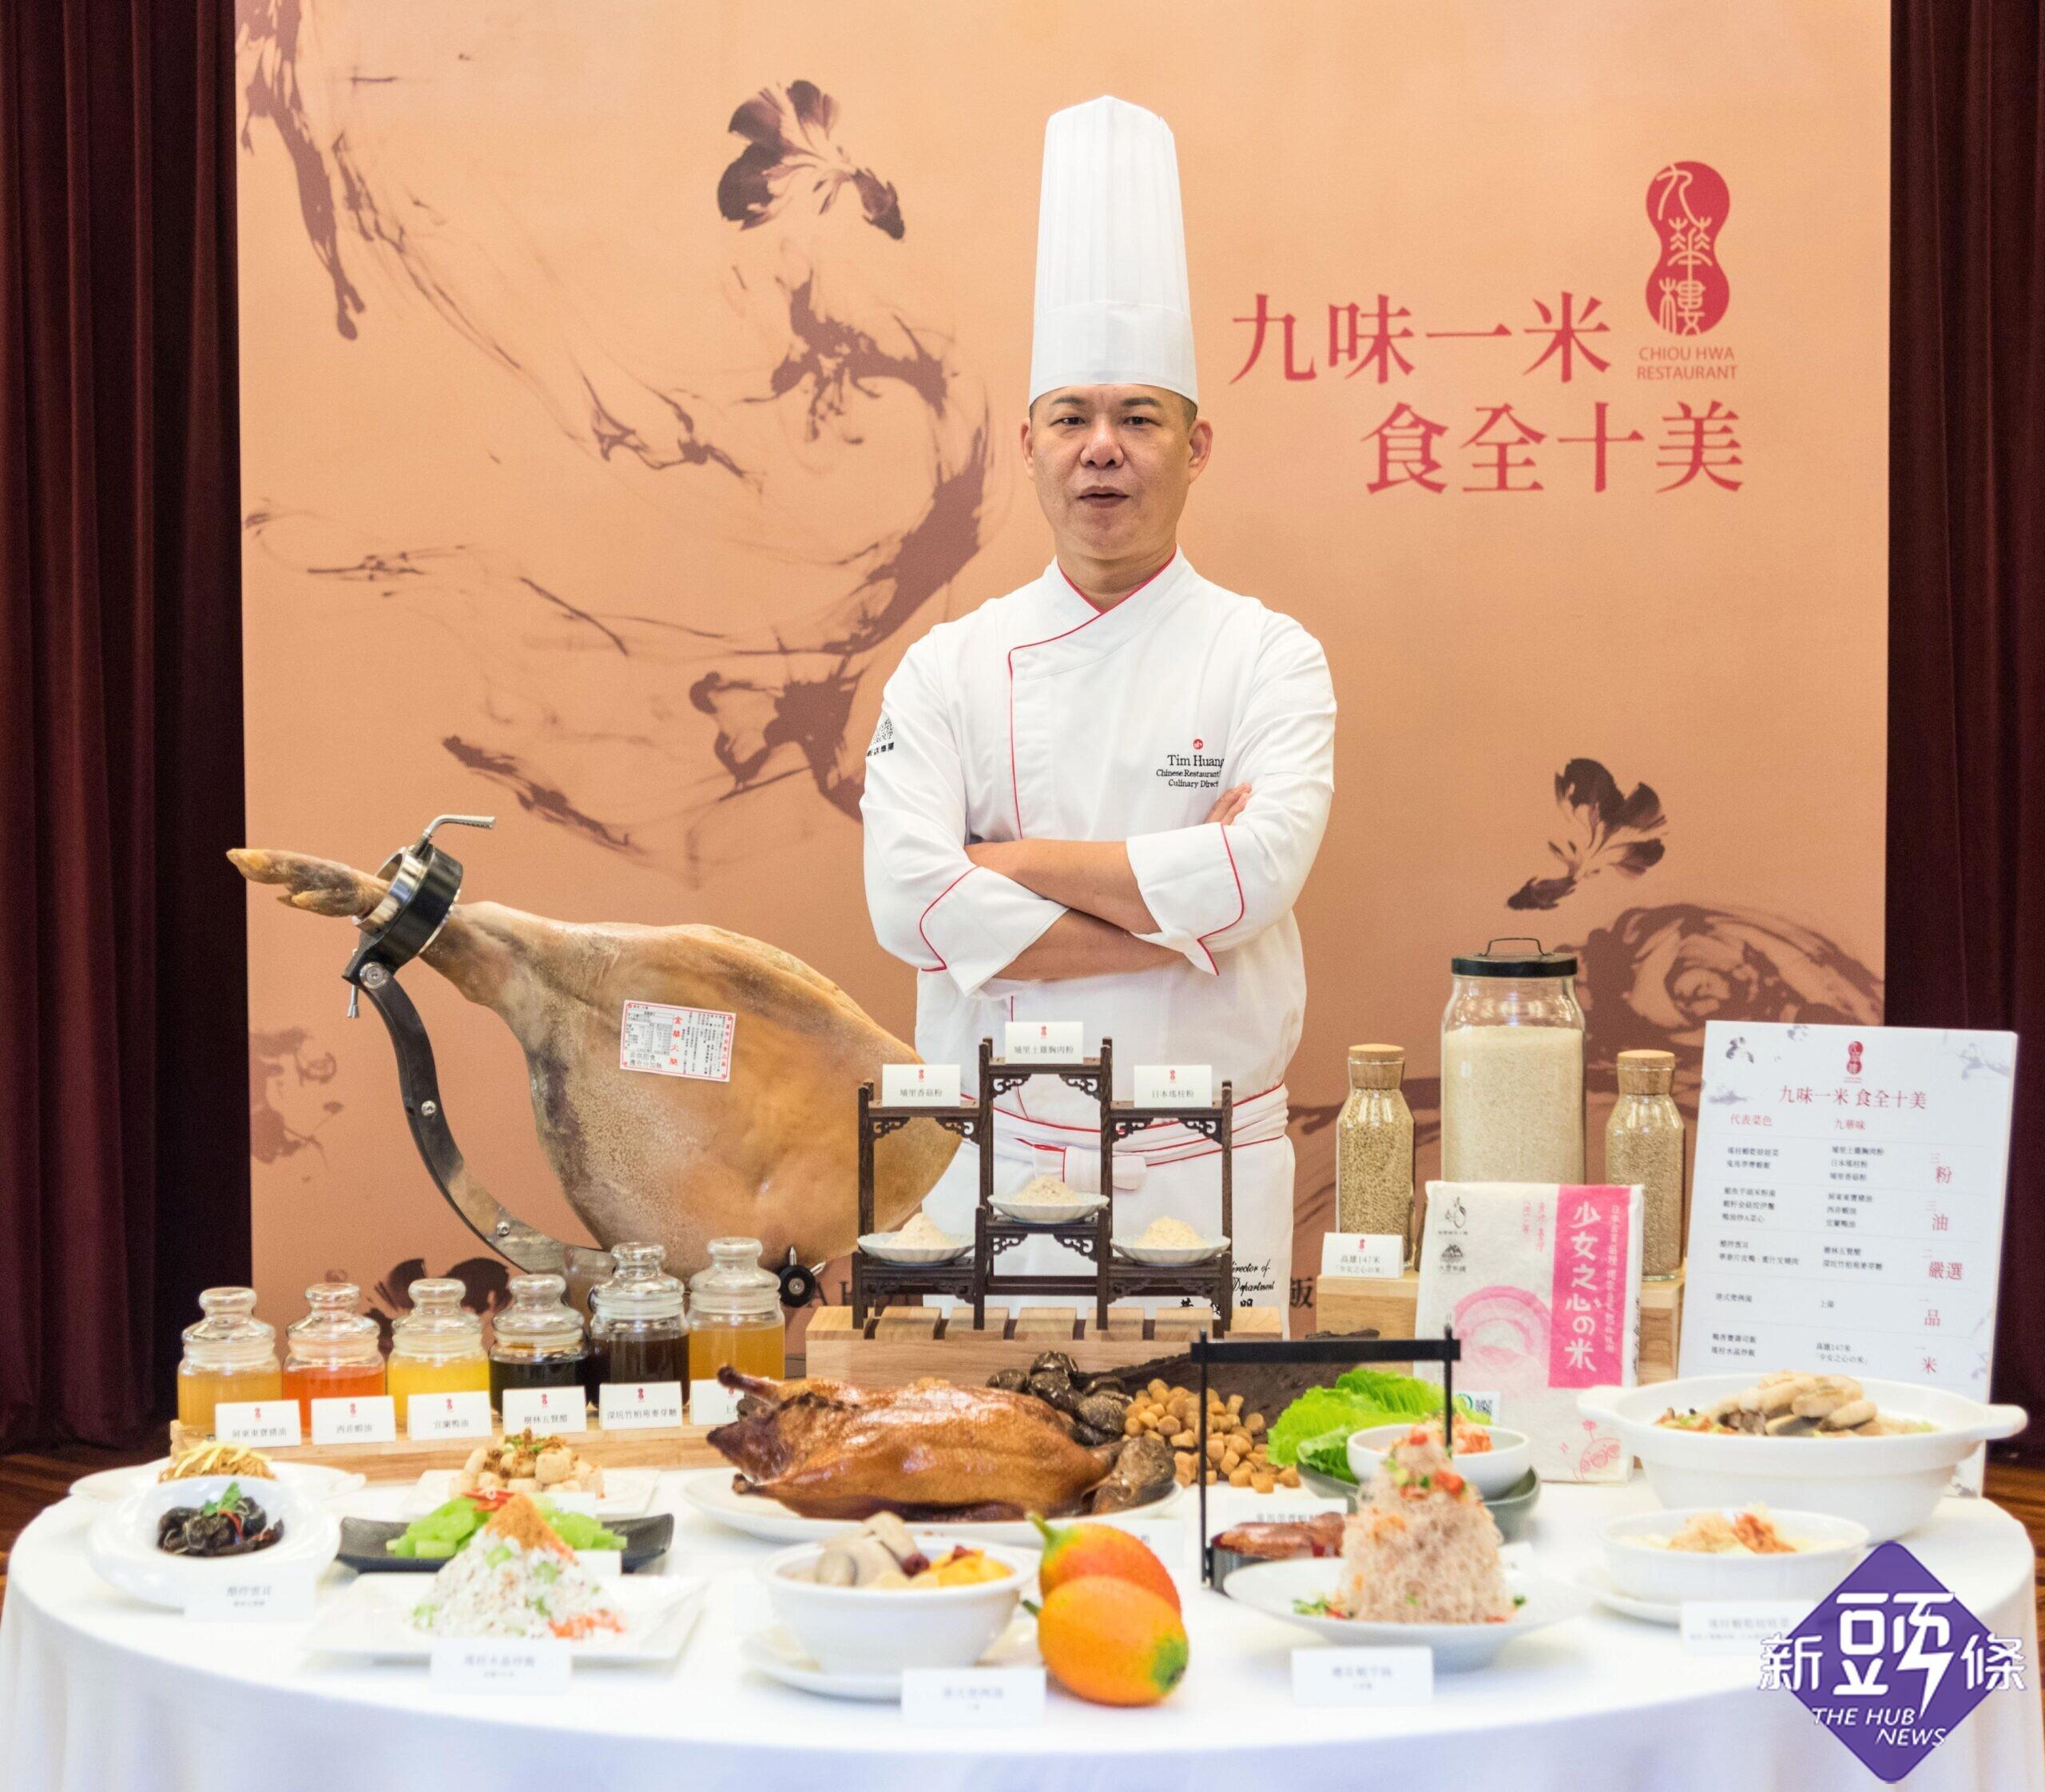 華泰王子大飯店九華樓 「九味一米 食全十美」